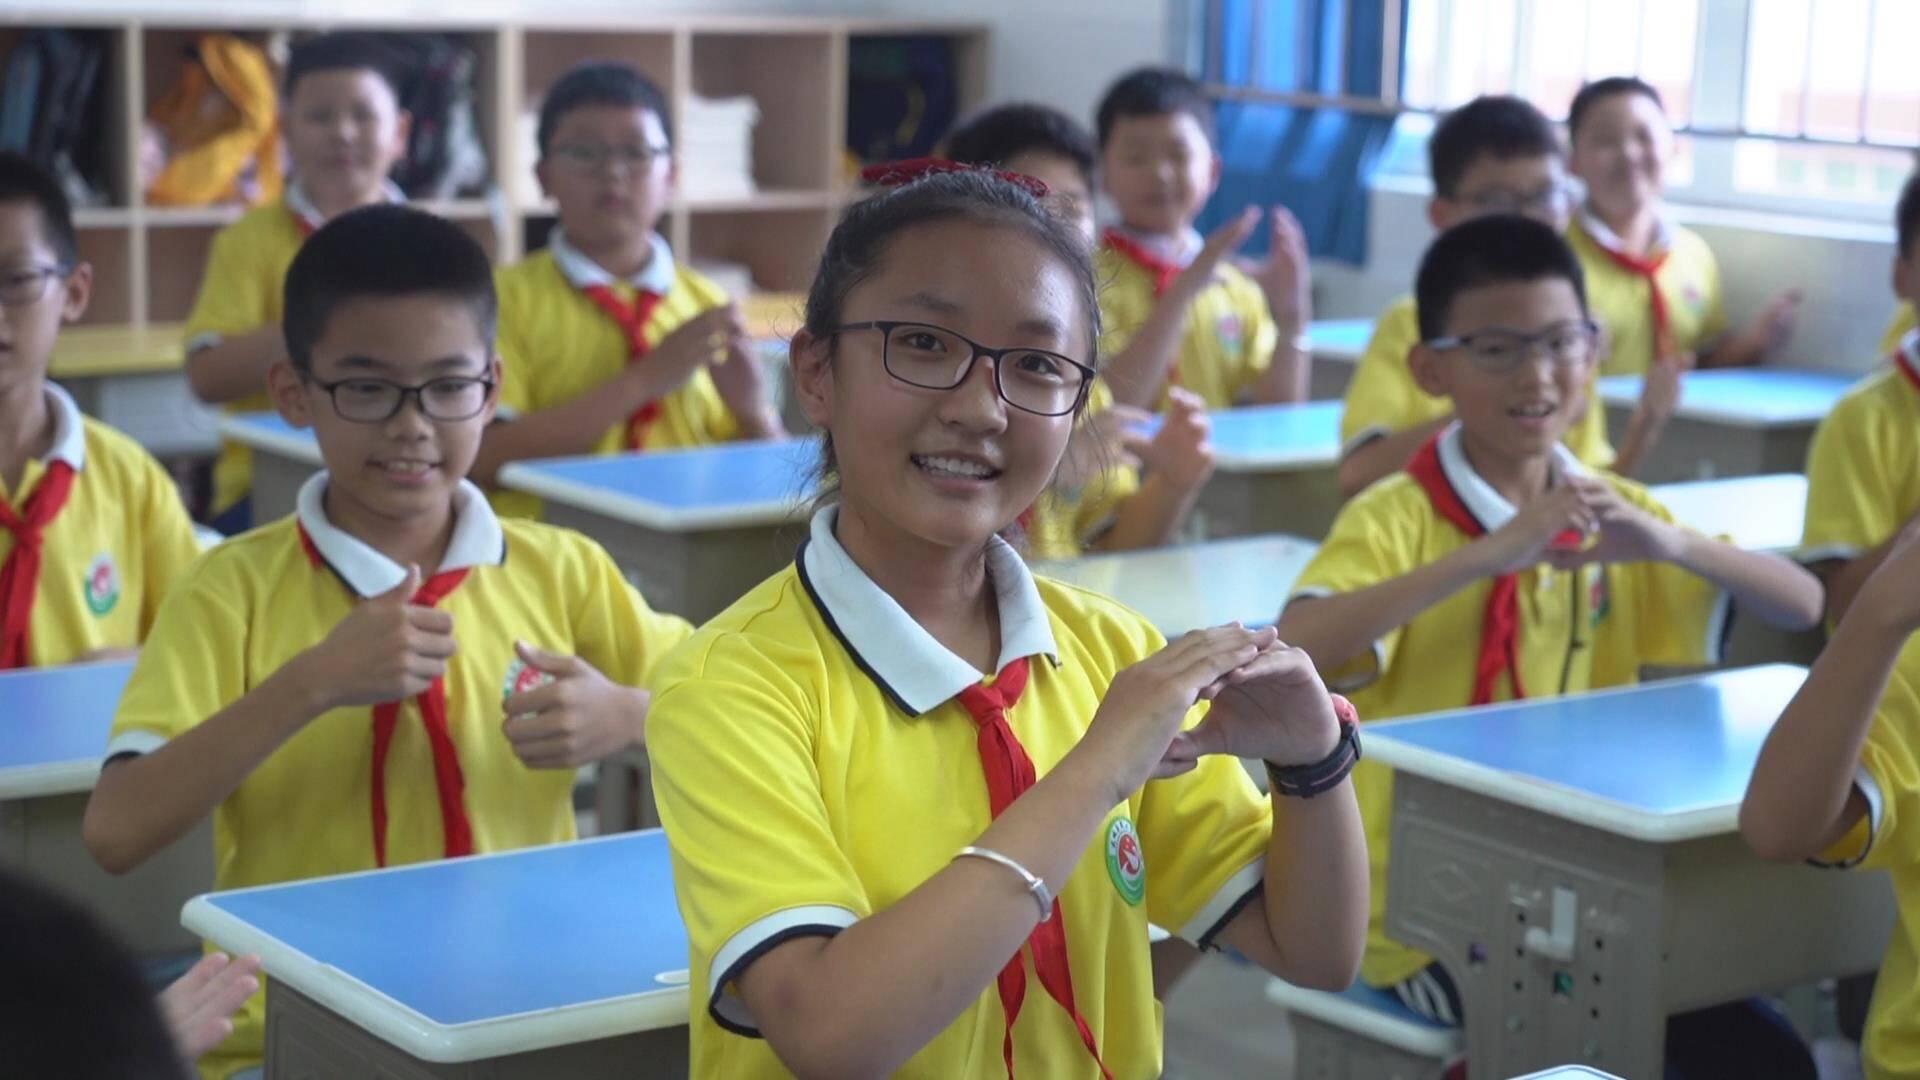 德州小学生表演手势舞《你笑起来真好看》 别样欢乐谢师恩